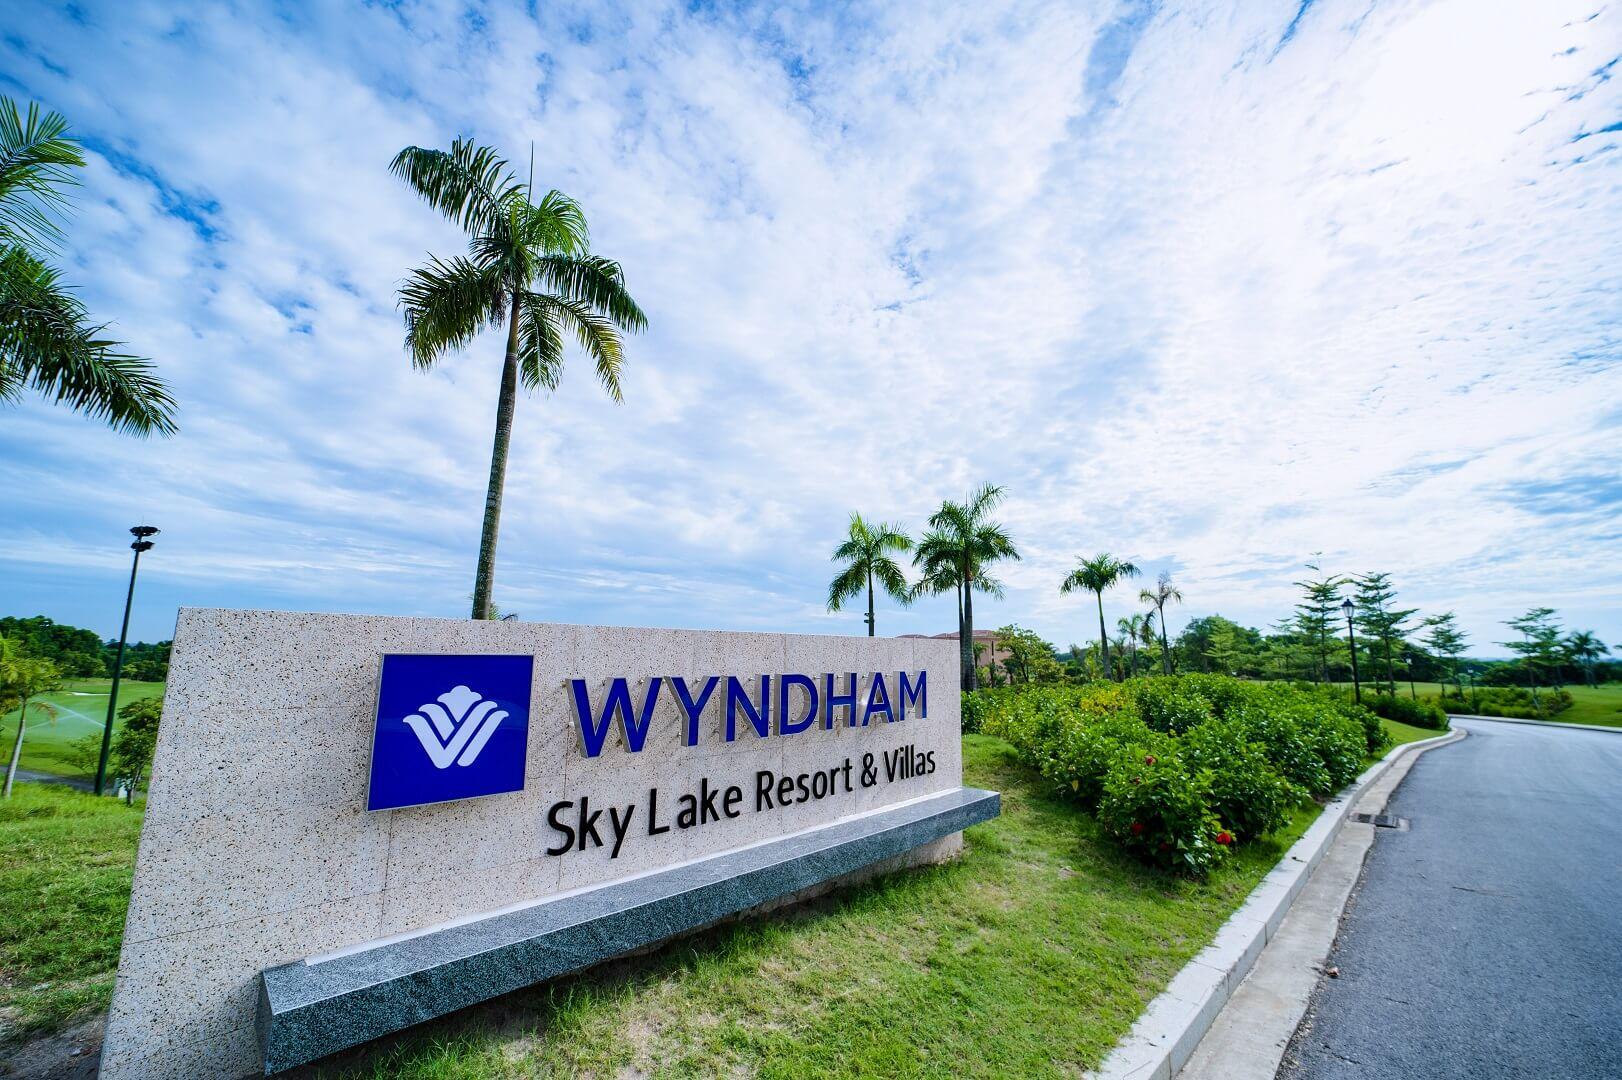 hình ảnh thực tế dự án wyndham sky lake chương mỹ